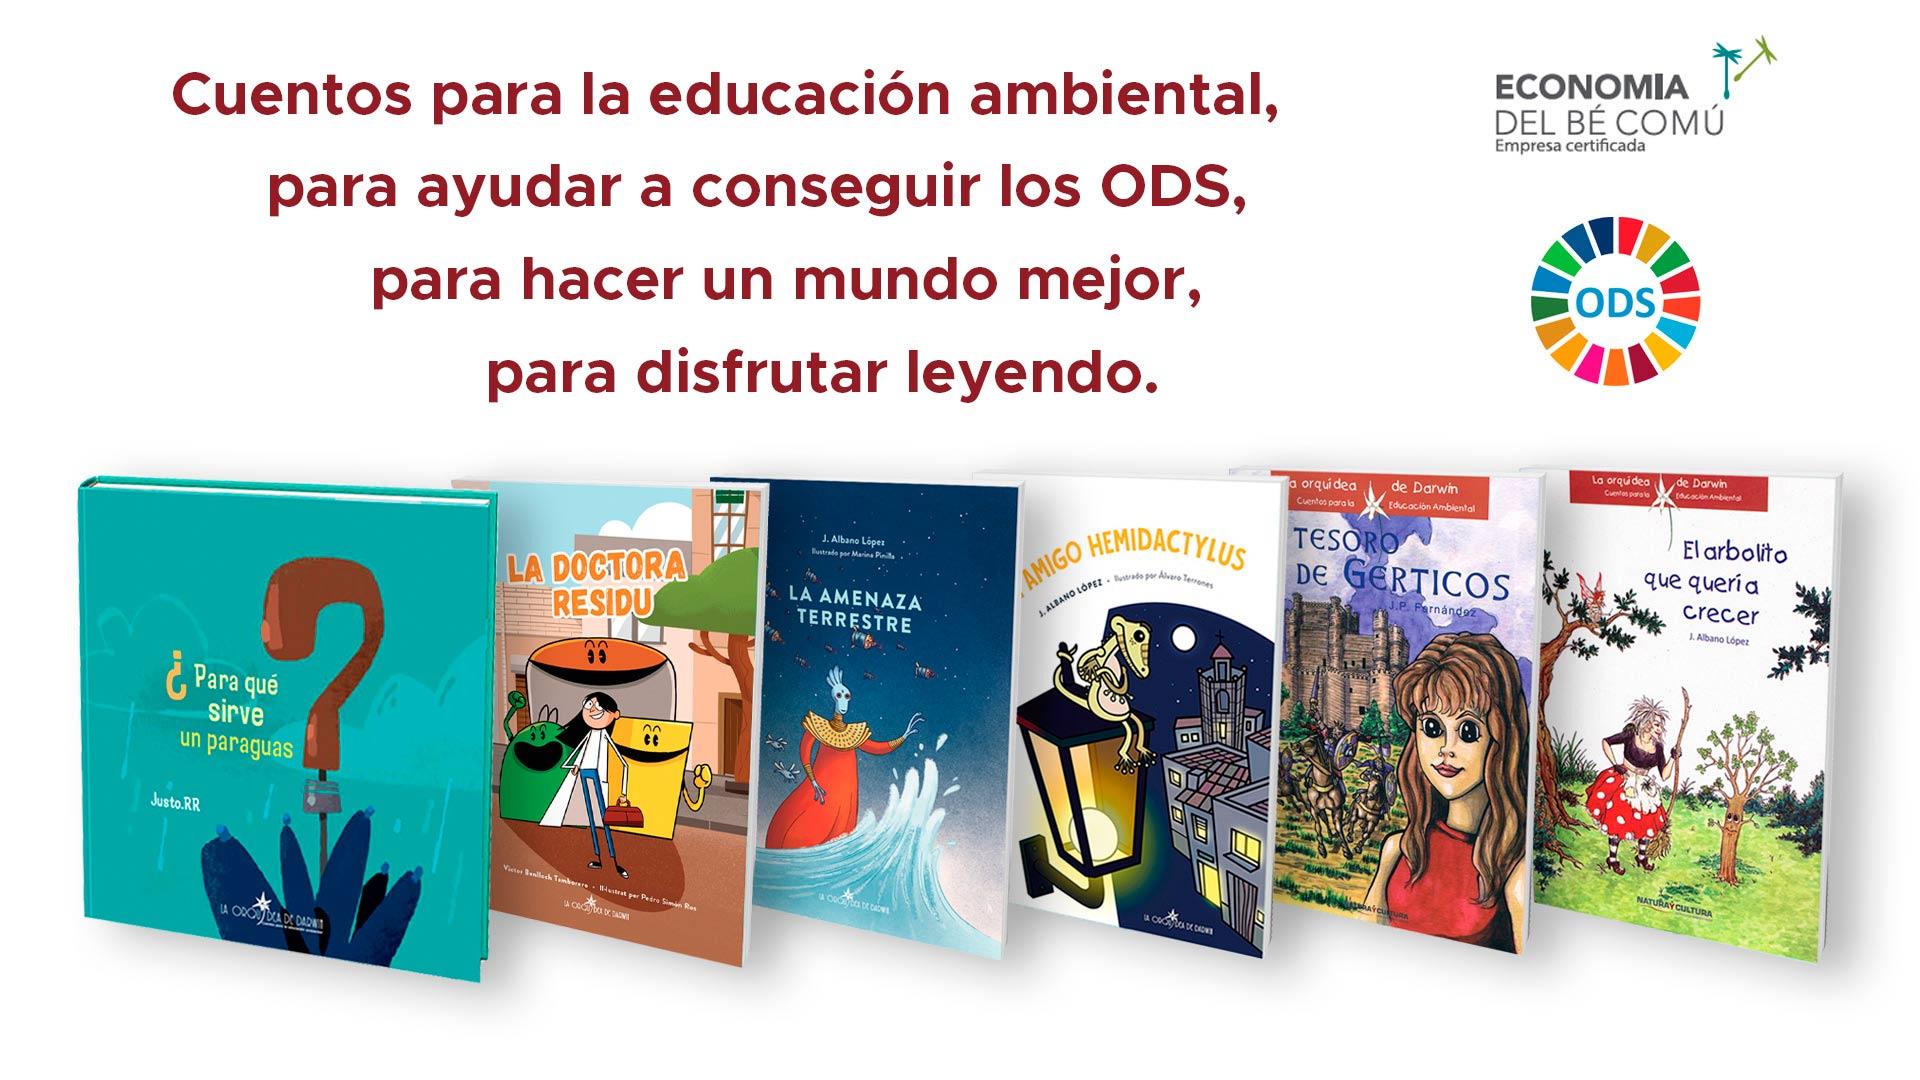 inicio cuentos educacion ambiental 4